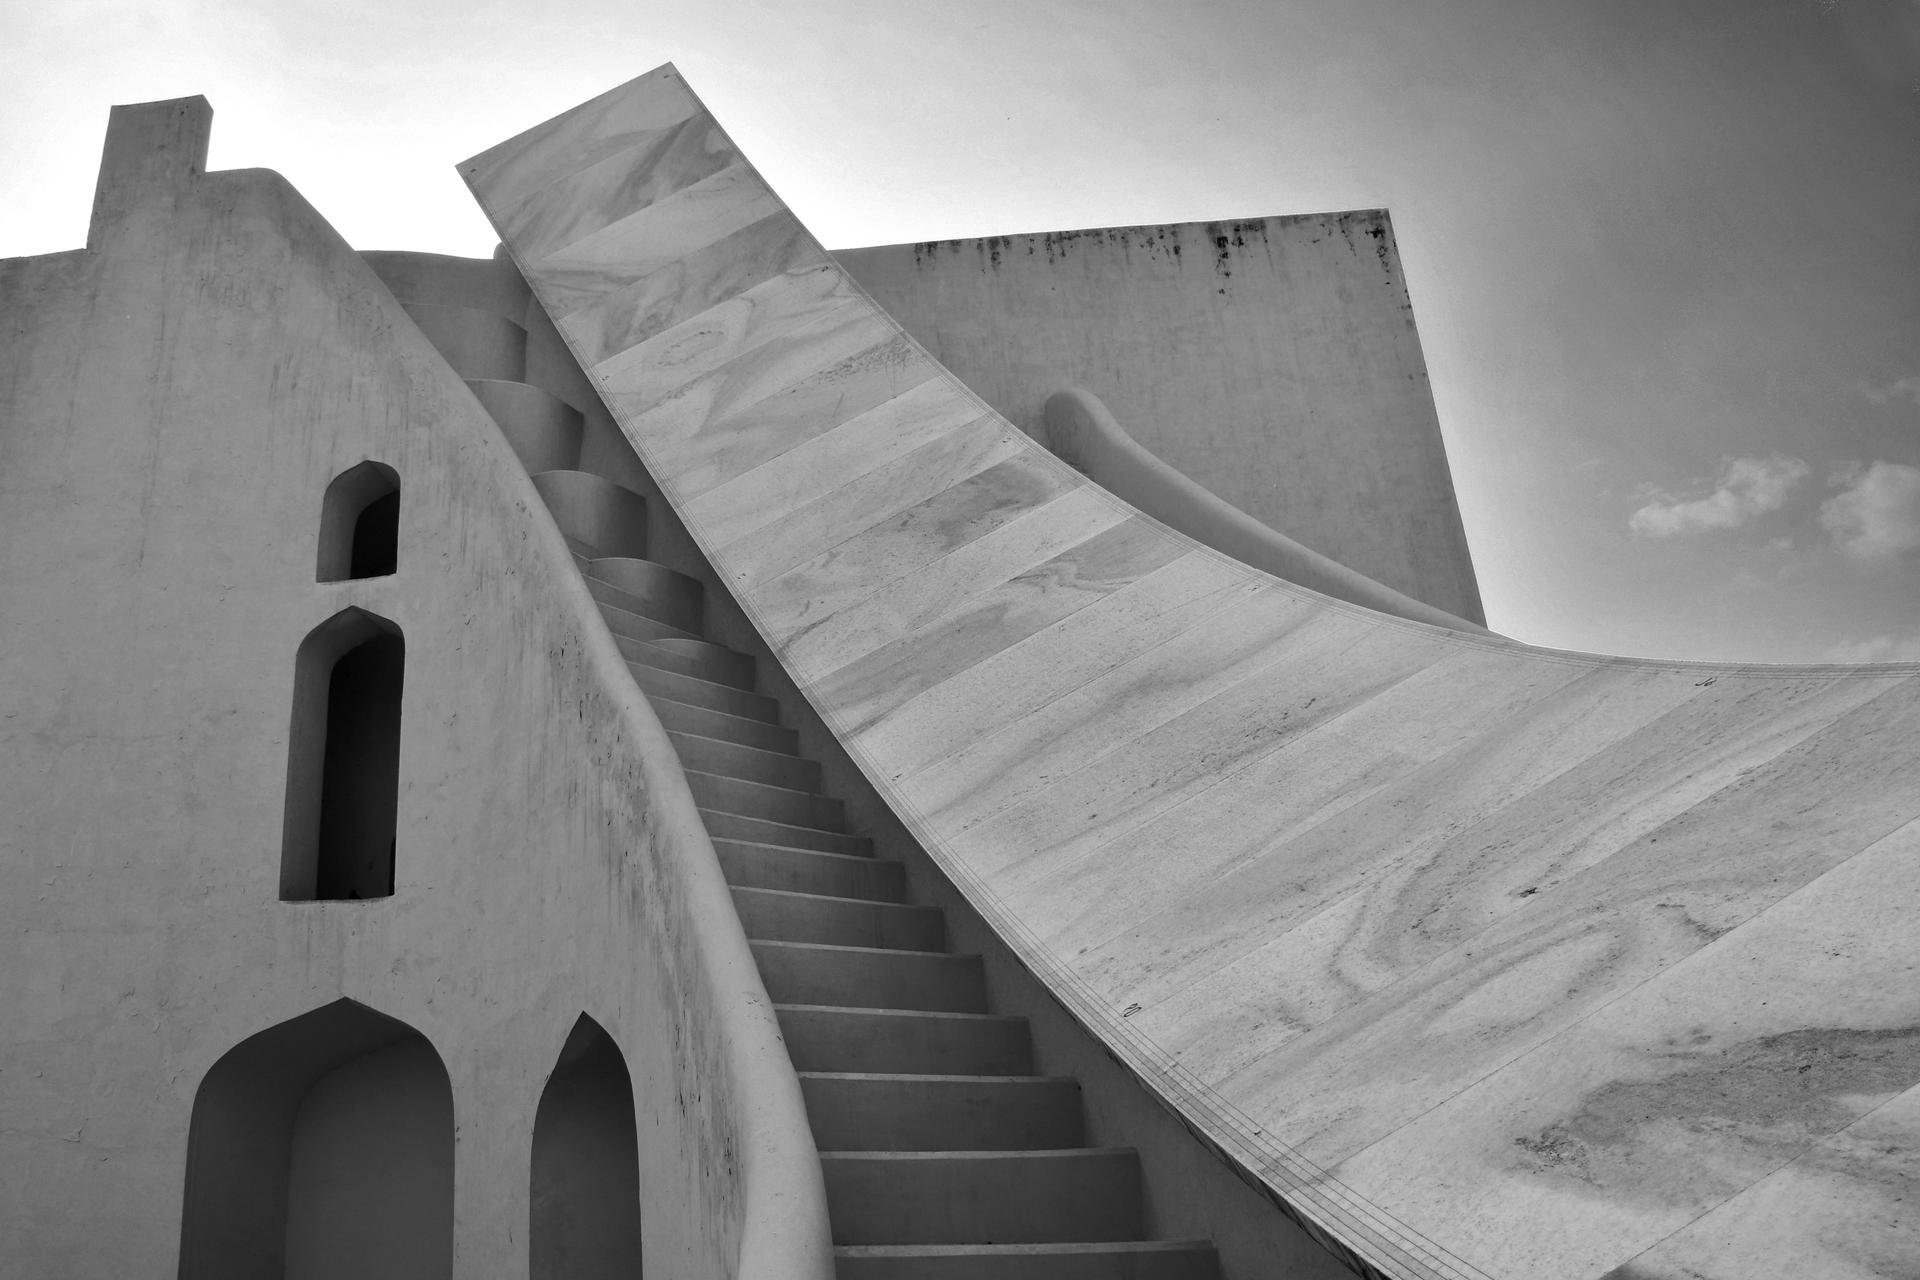 יואל שתרוג - אדמה יוצרת - yoel sitruk -ג'אנטאר מאנטאר - מסע בזמן - מדרגות נאות- הודו